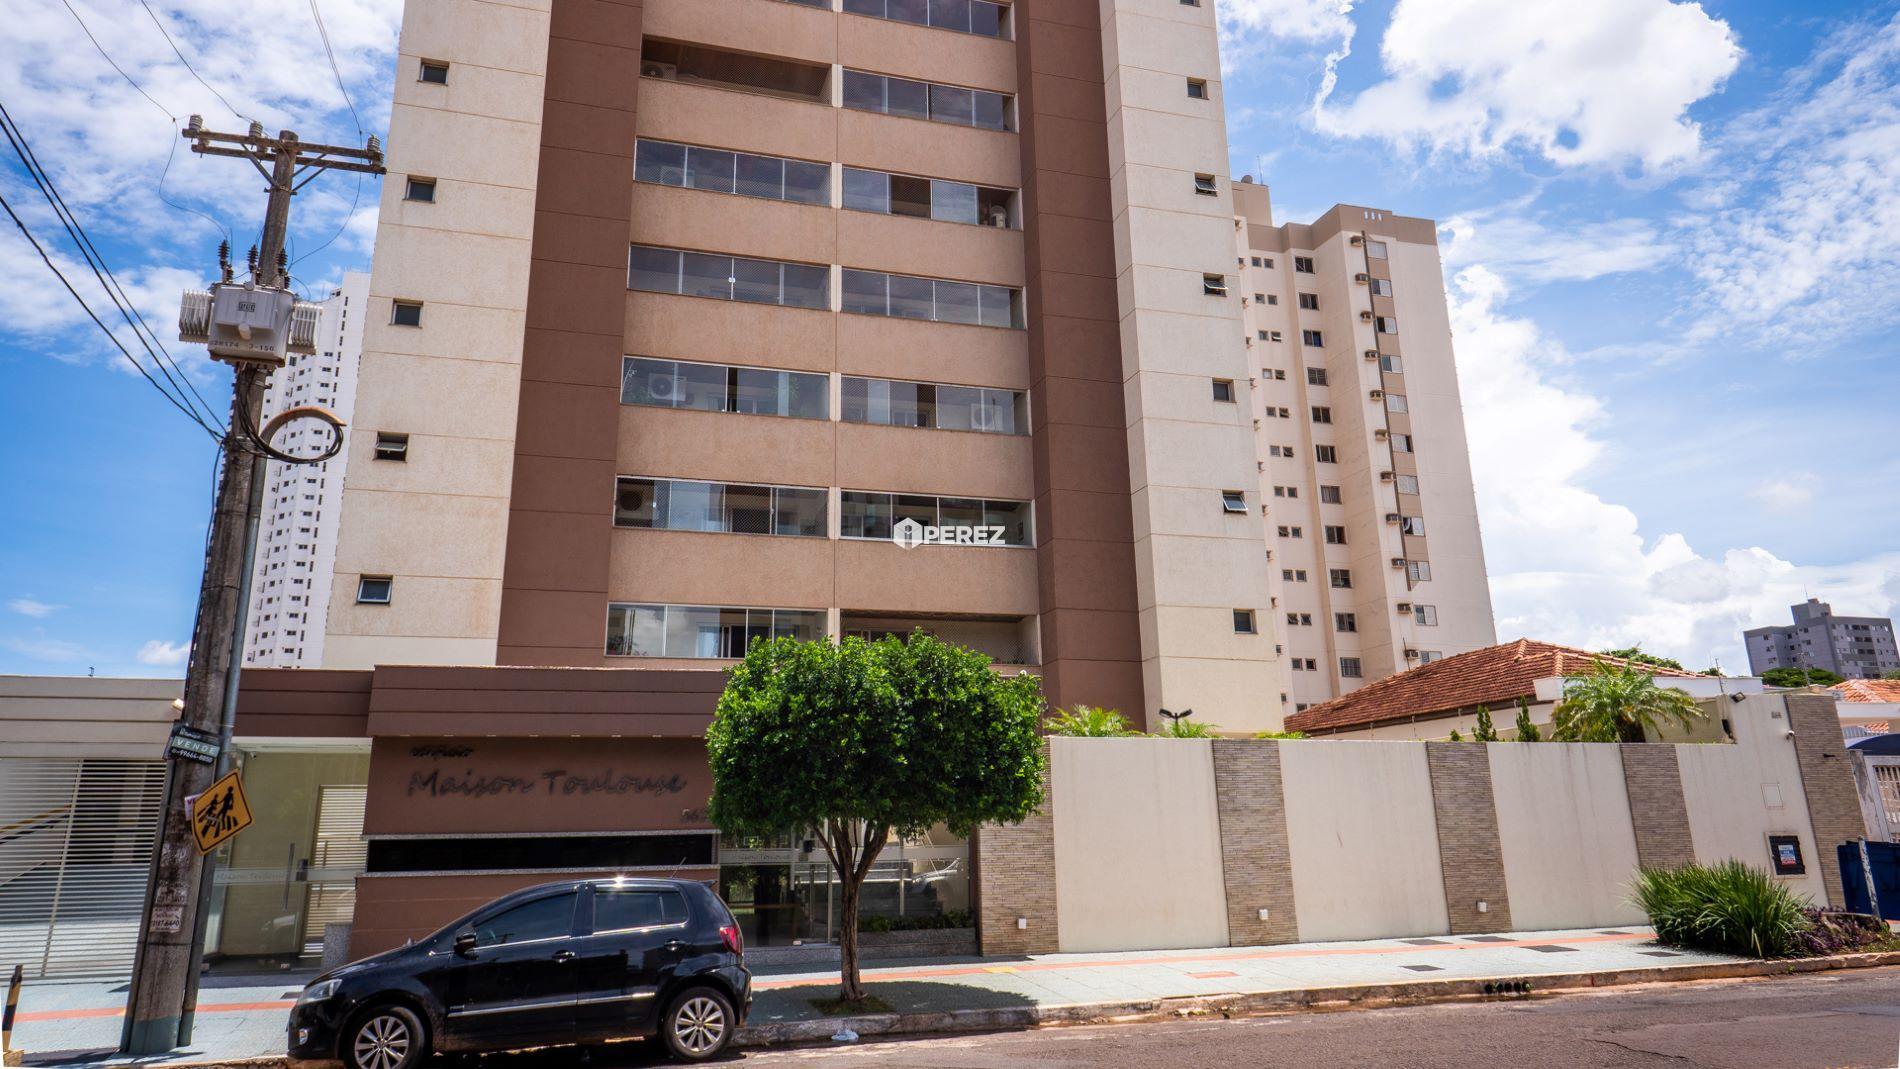 venda-campo-grande-ms-apartamento-abrao-julio-rahe-centro-perez-imoveis